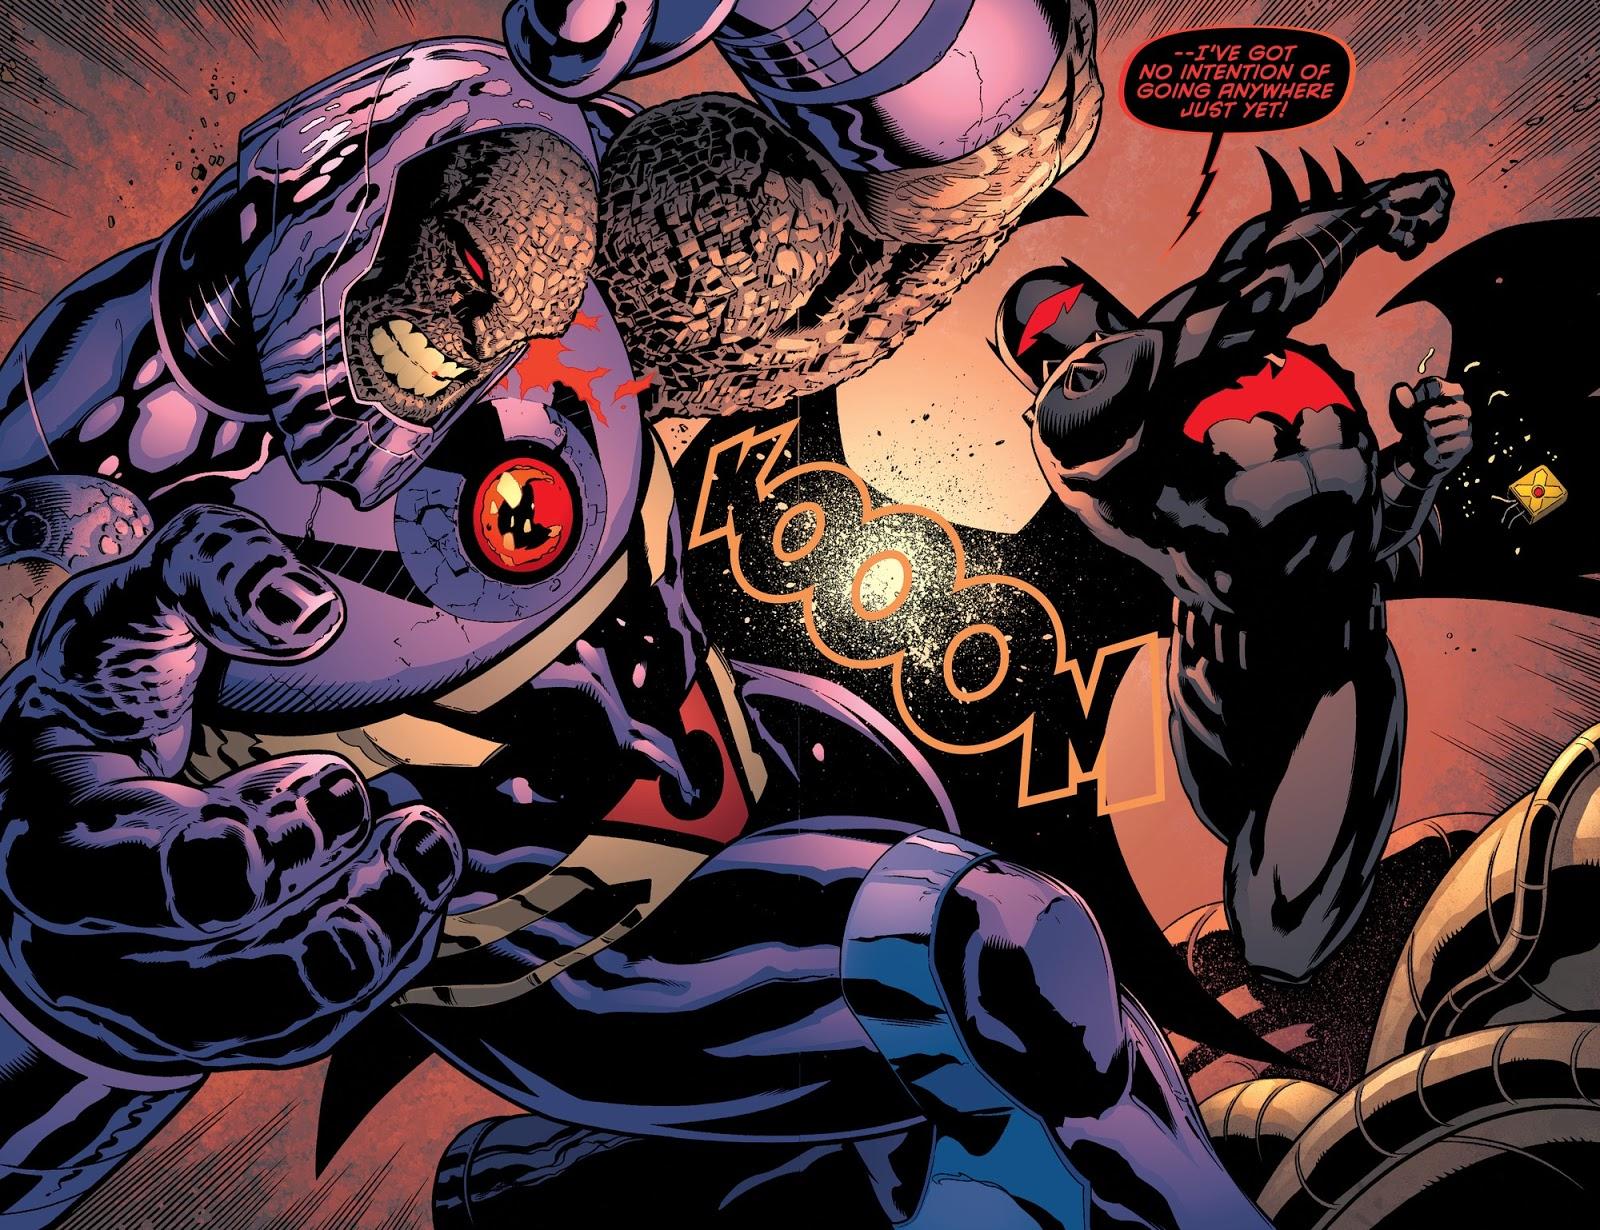 Batman fights Darkseid in a Hellbat suit